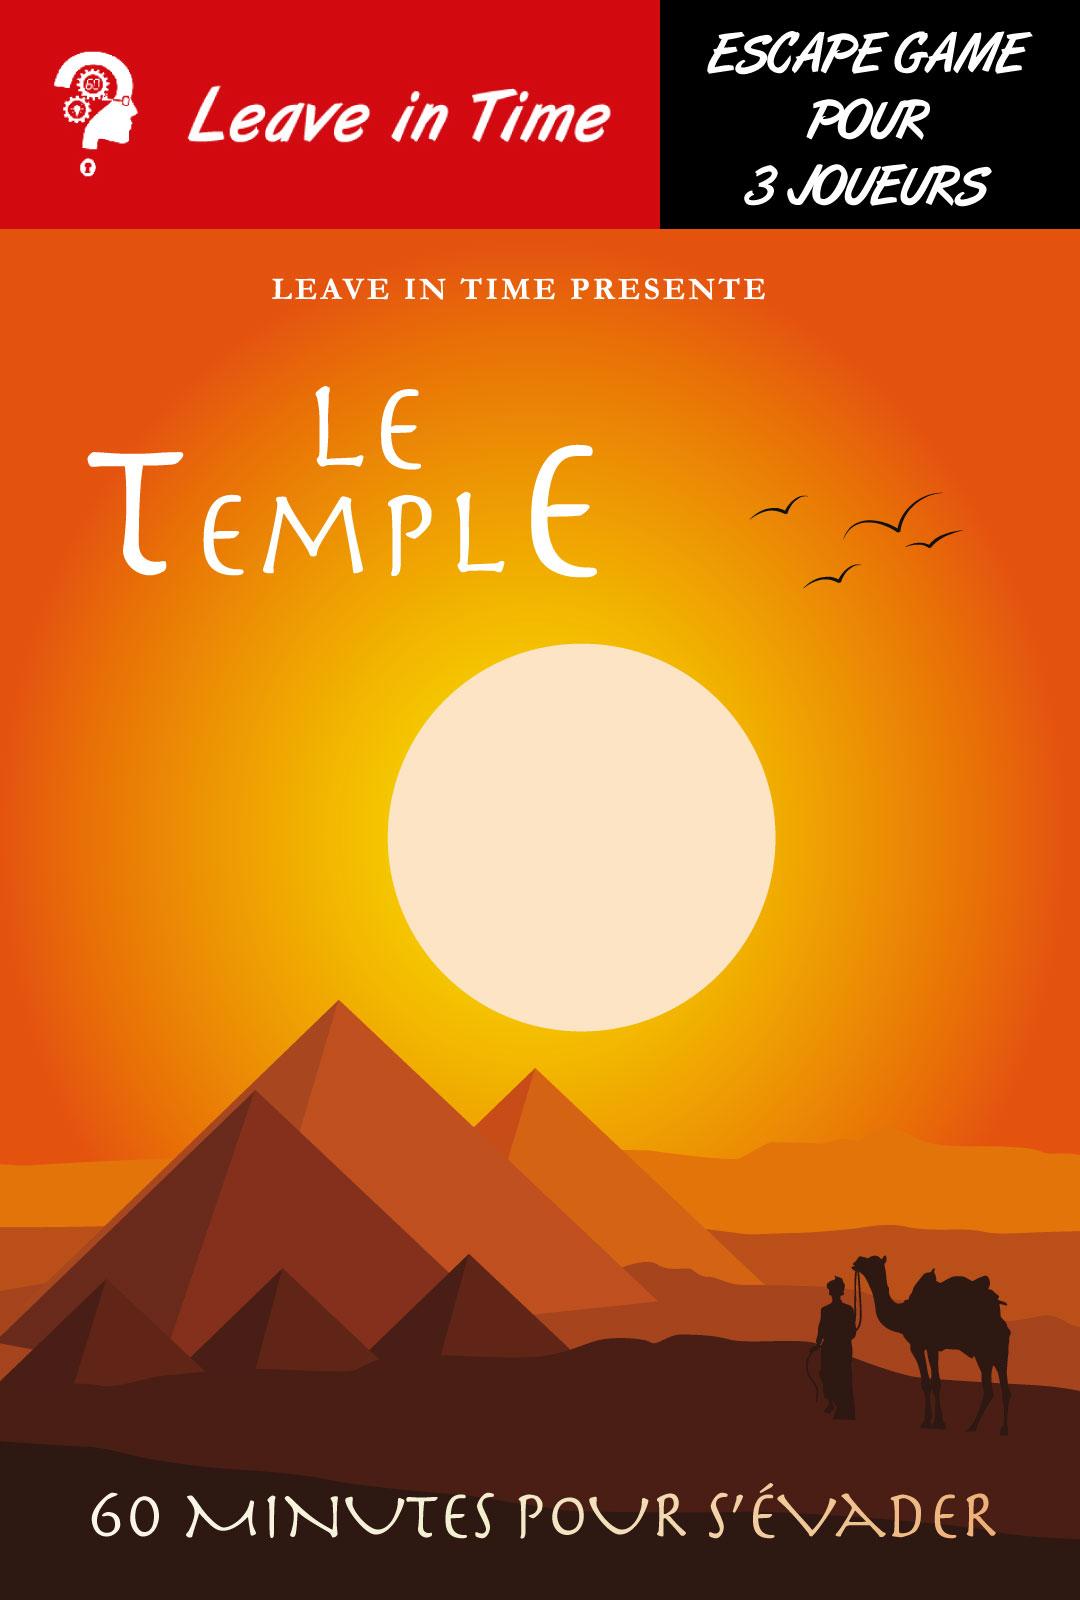 PASS CULTURE LE TEMPLE LEAVE IN TIME NANTES 3 JOUEURS